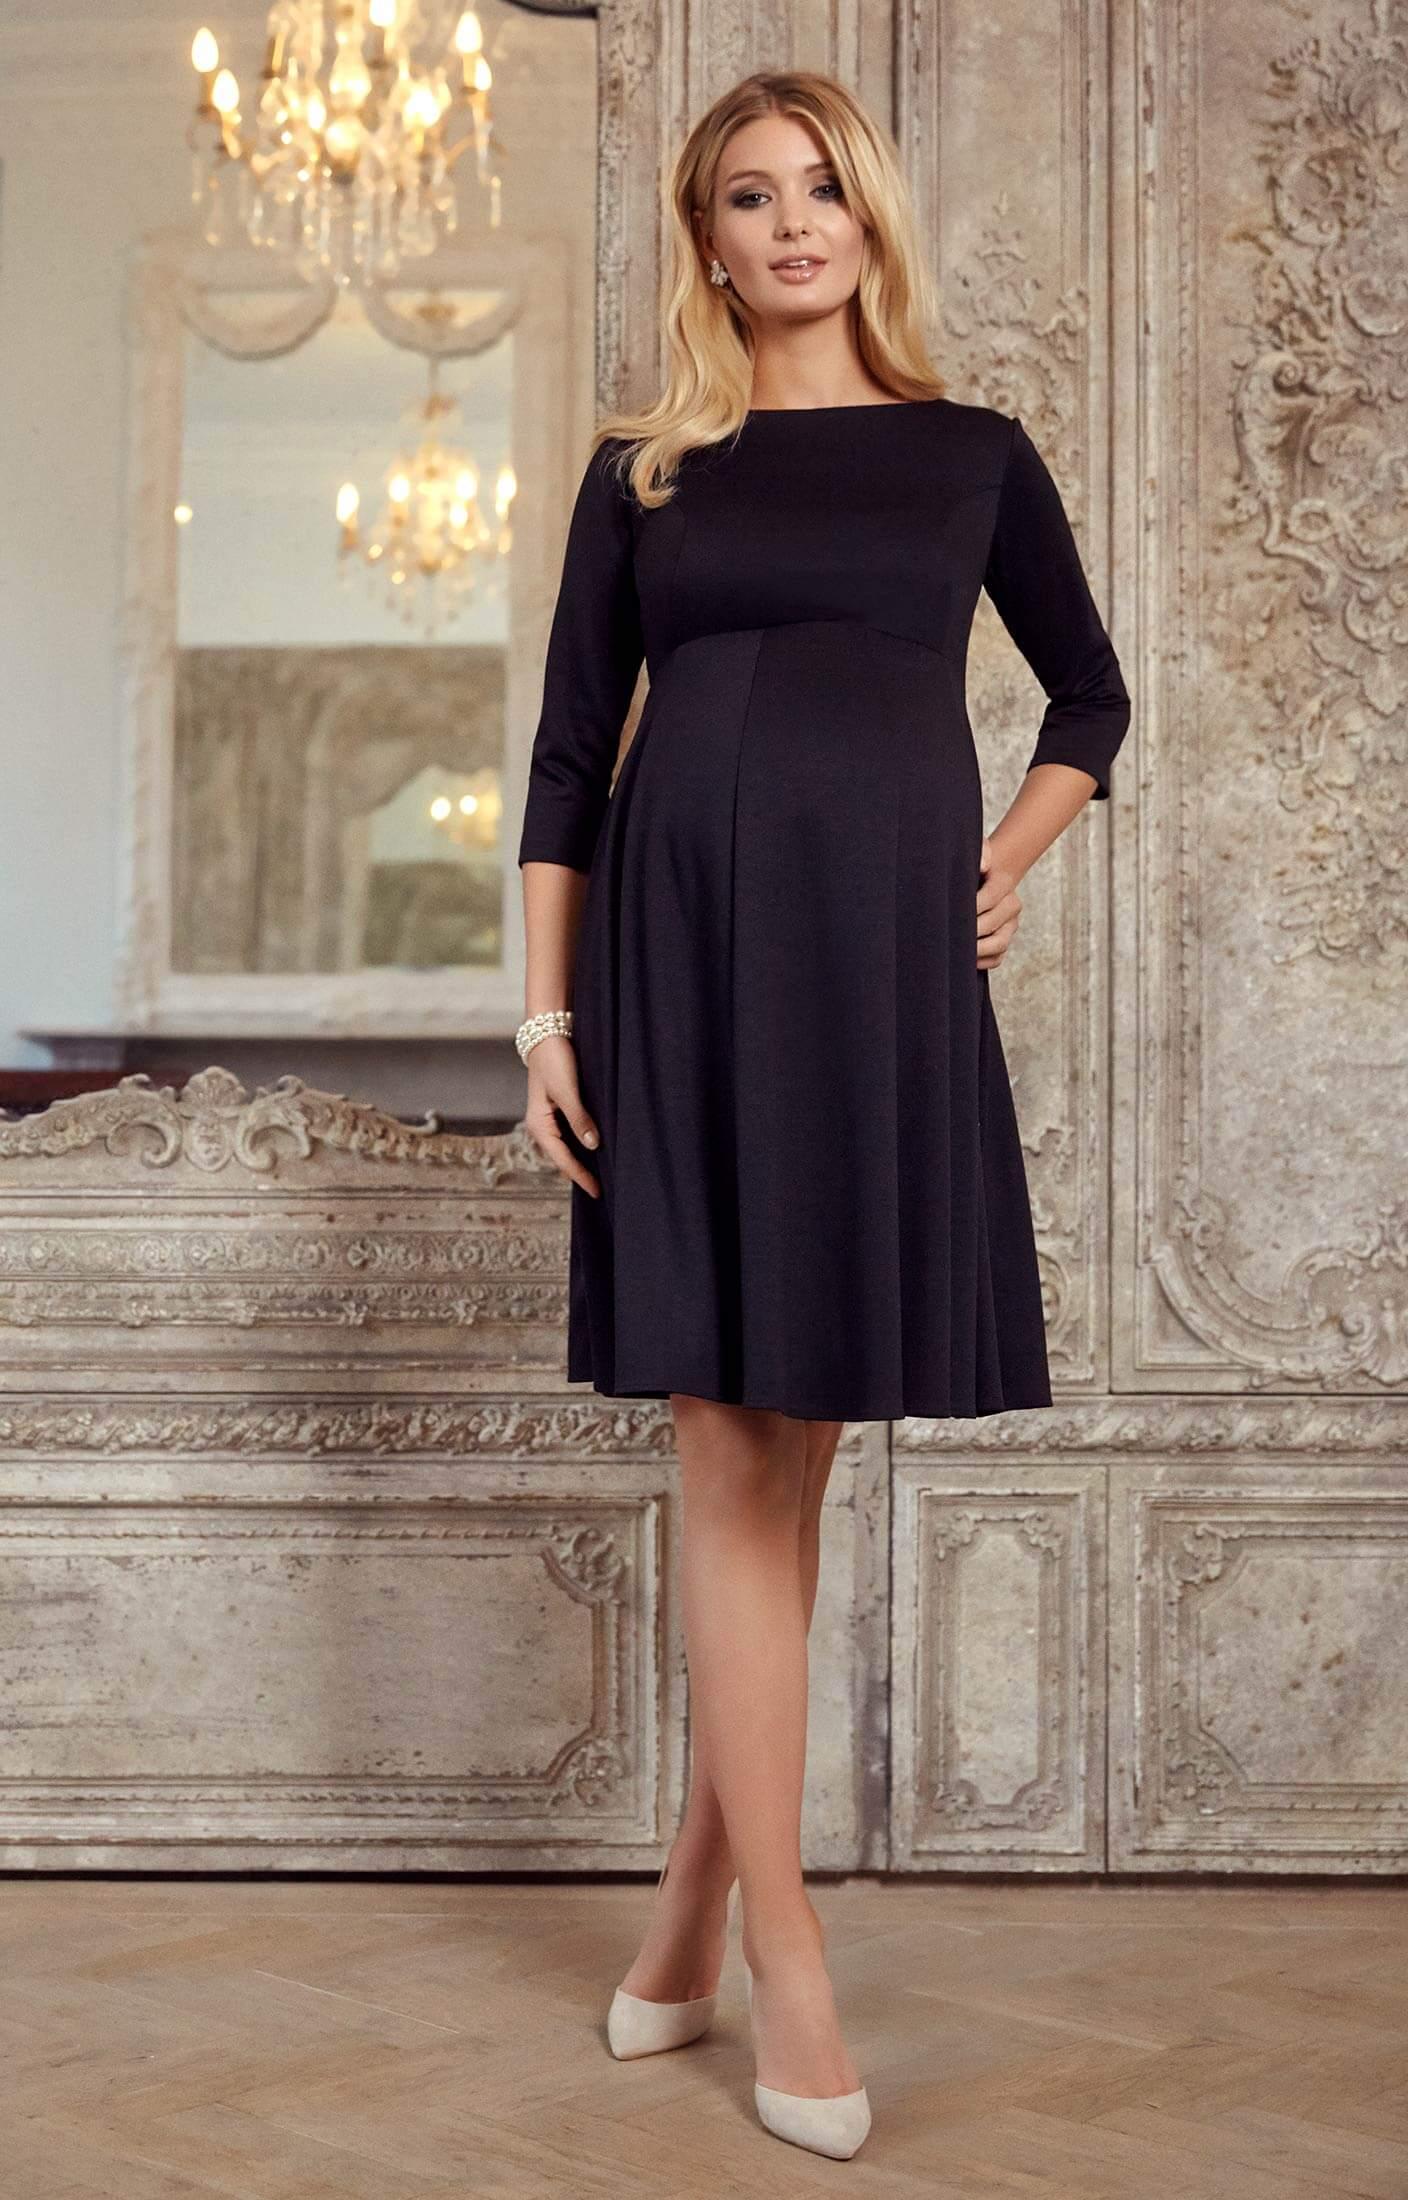 Umstandsmoden-Kleid Sienna kurz schwarz - Umstandshochzeitskleider ...